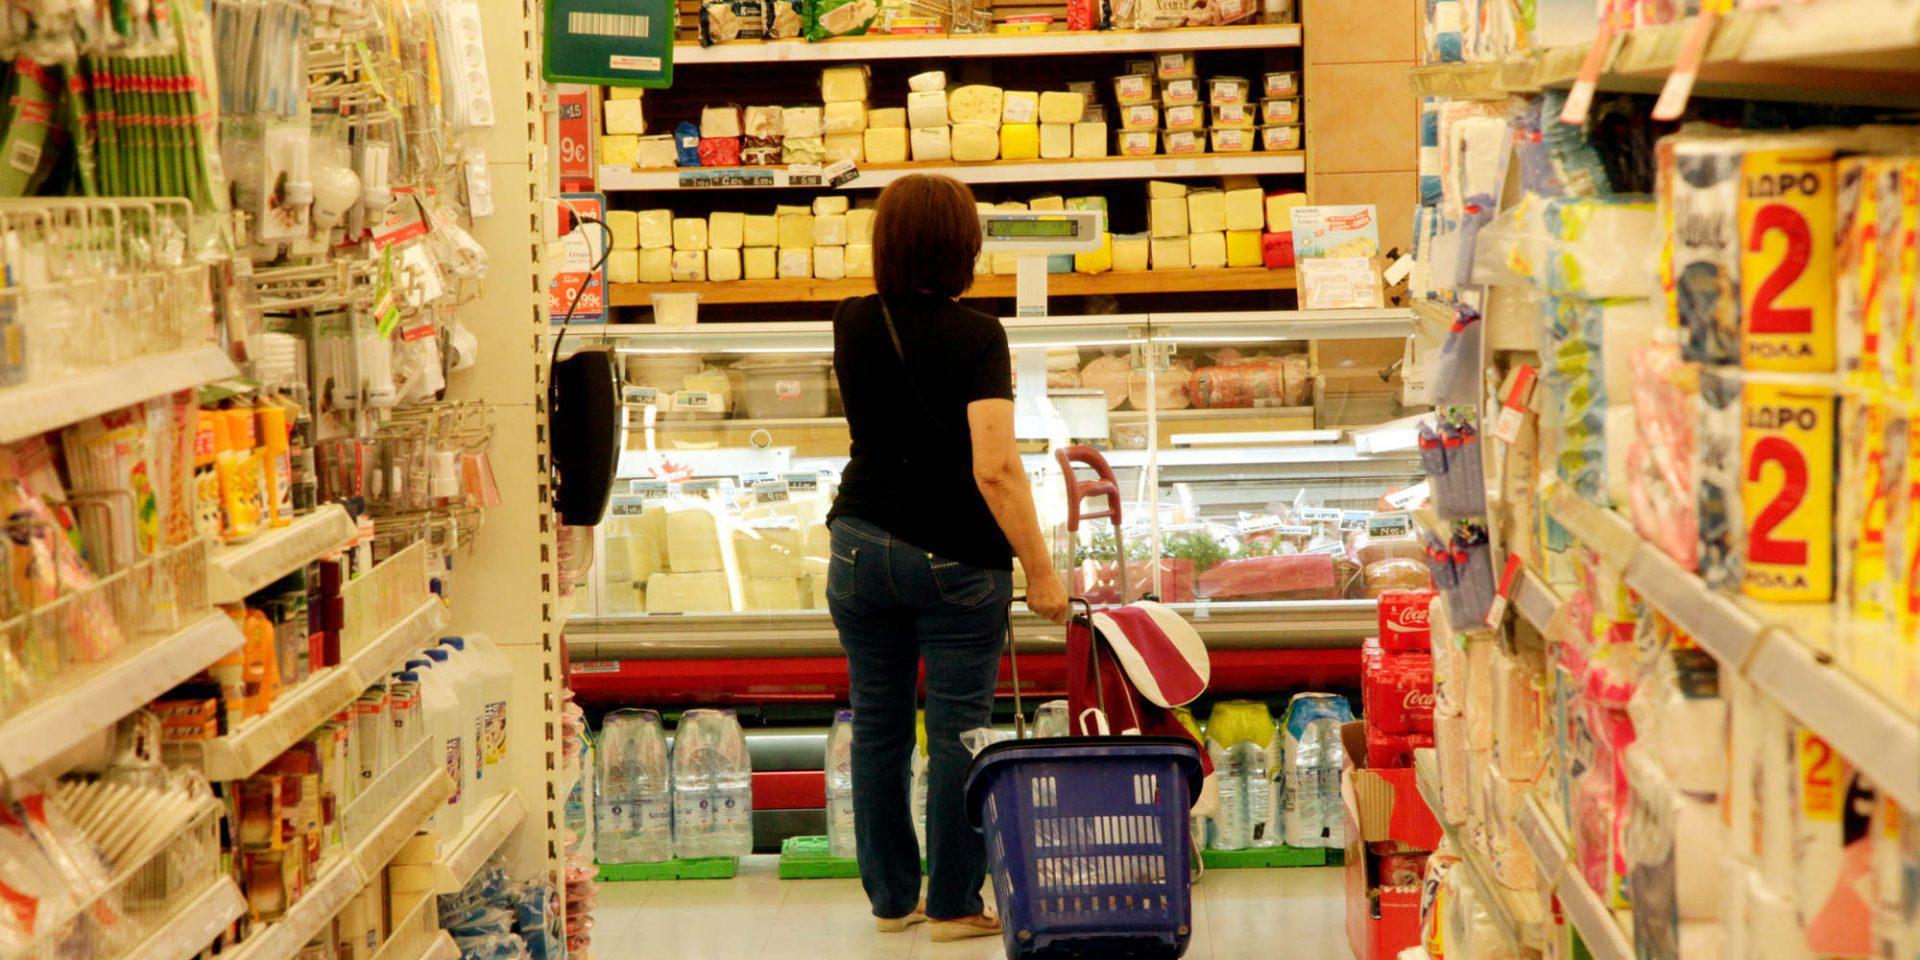 Κορωνοϊός και σούπερ μάρκετ: Διευκρινίσεις για την διασπορά και την υπερμετάδοση του